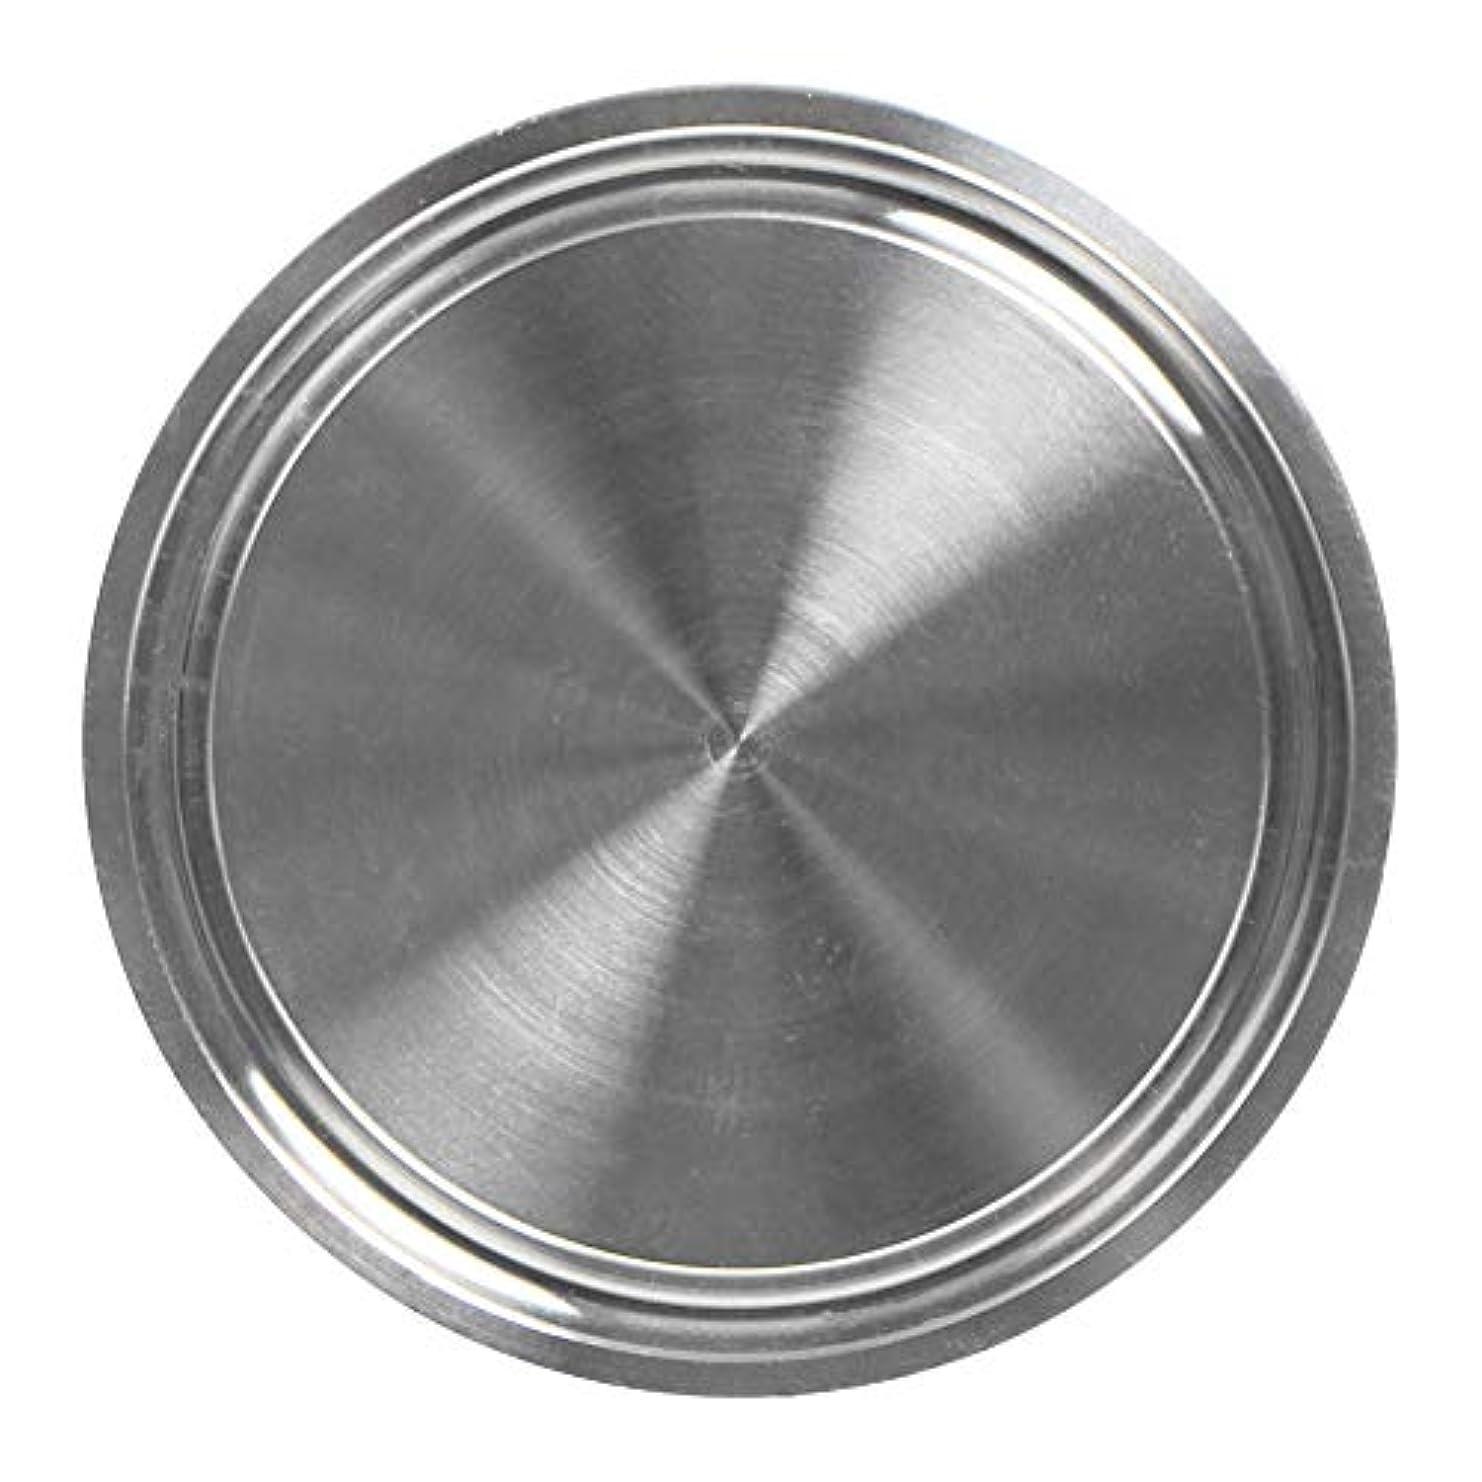 親密な平行部分的Profeel 新しいステンレススチール製ソリッドサニタリーエンドキャップは2インチのトライクランプフェルールフランジに適合